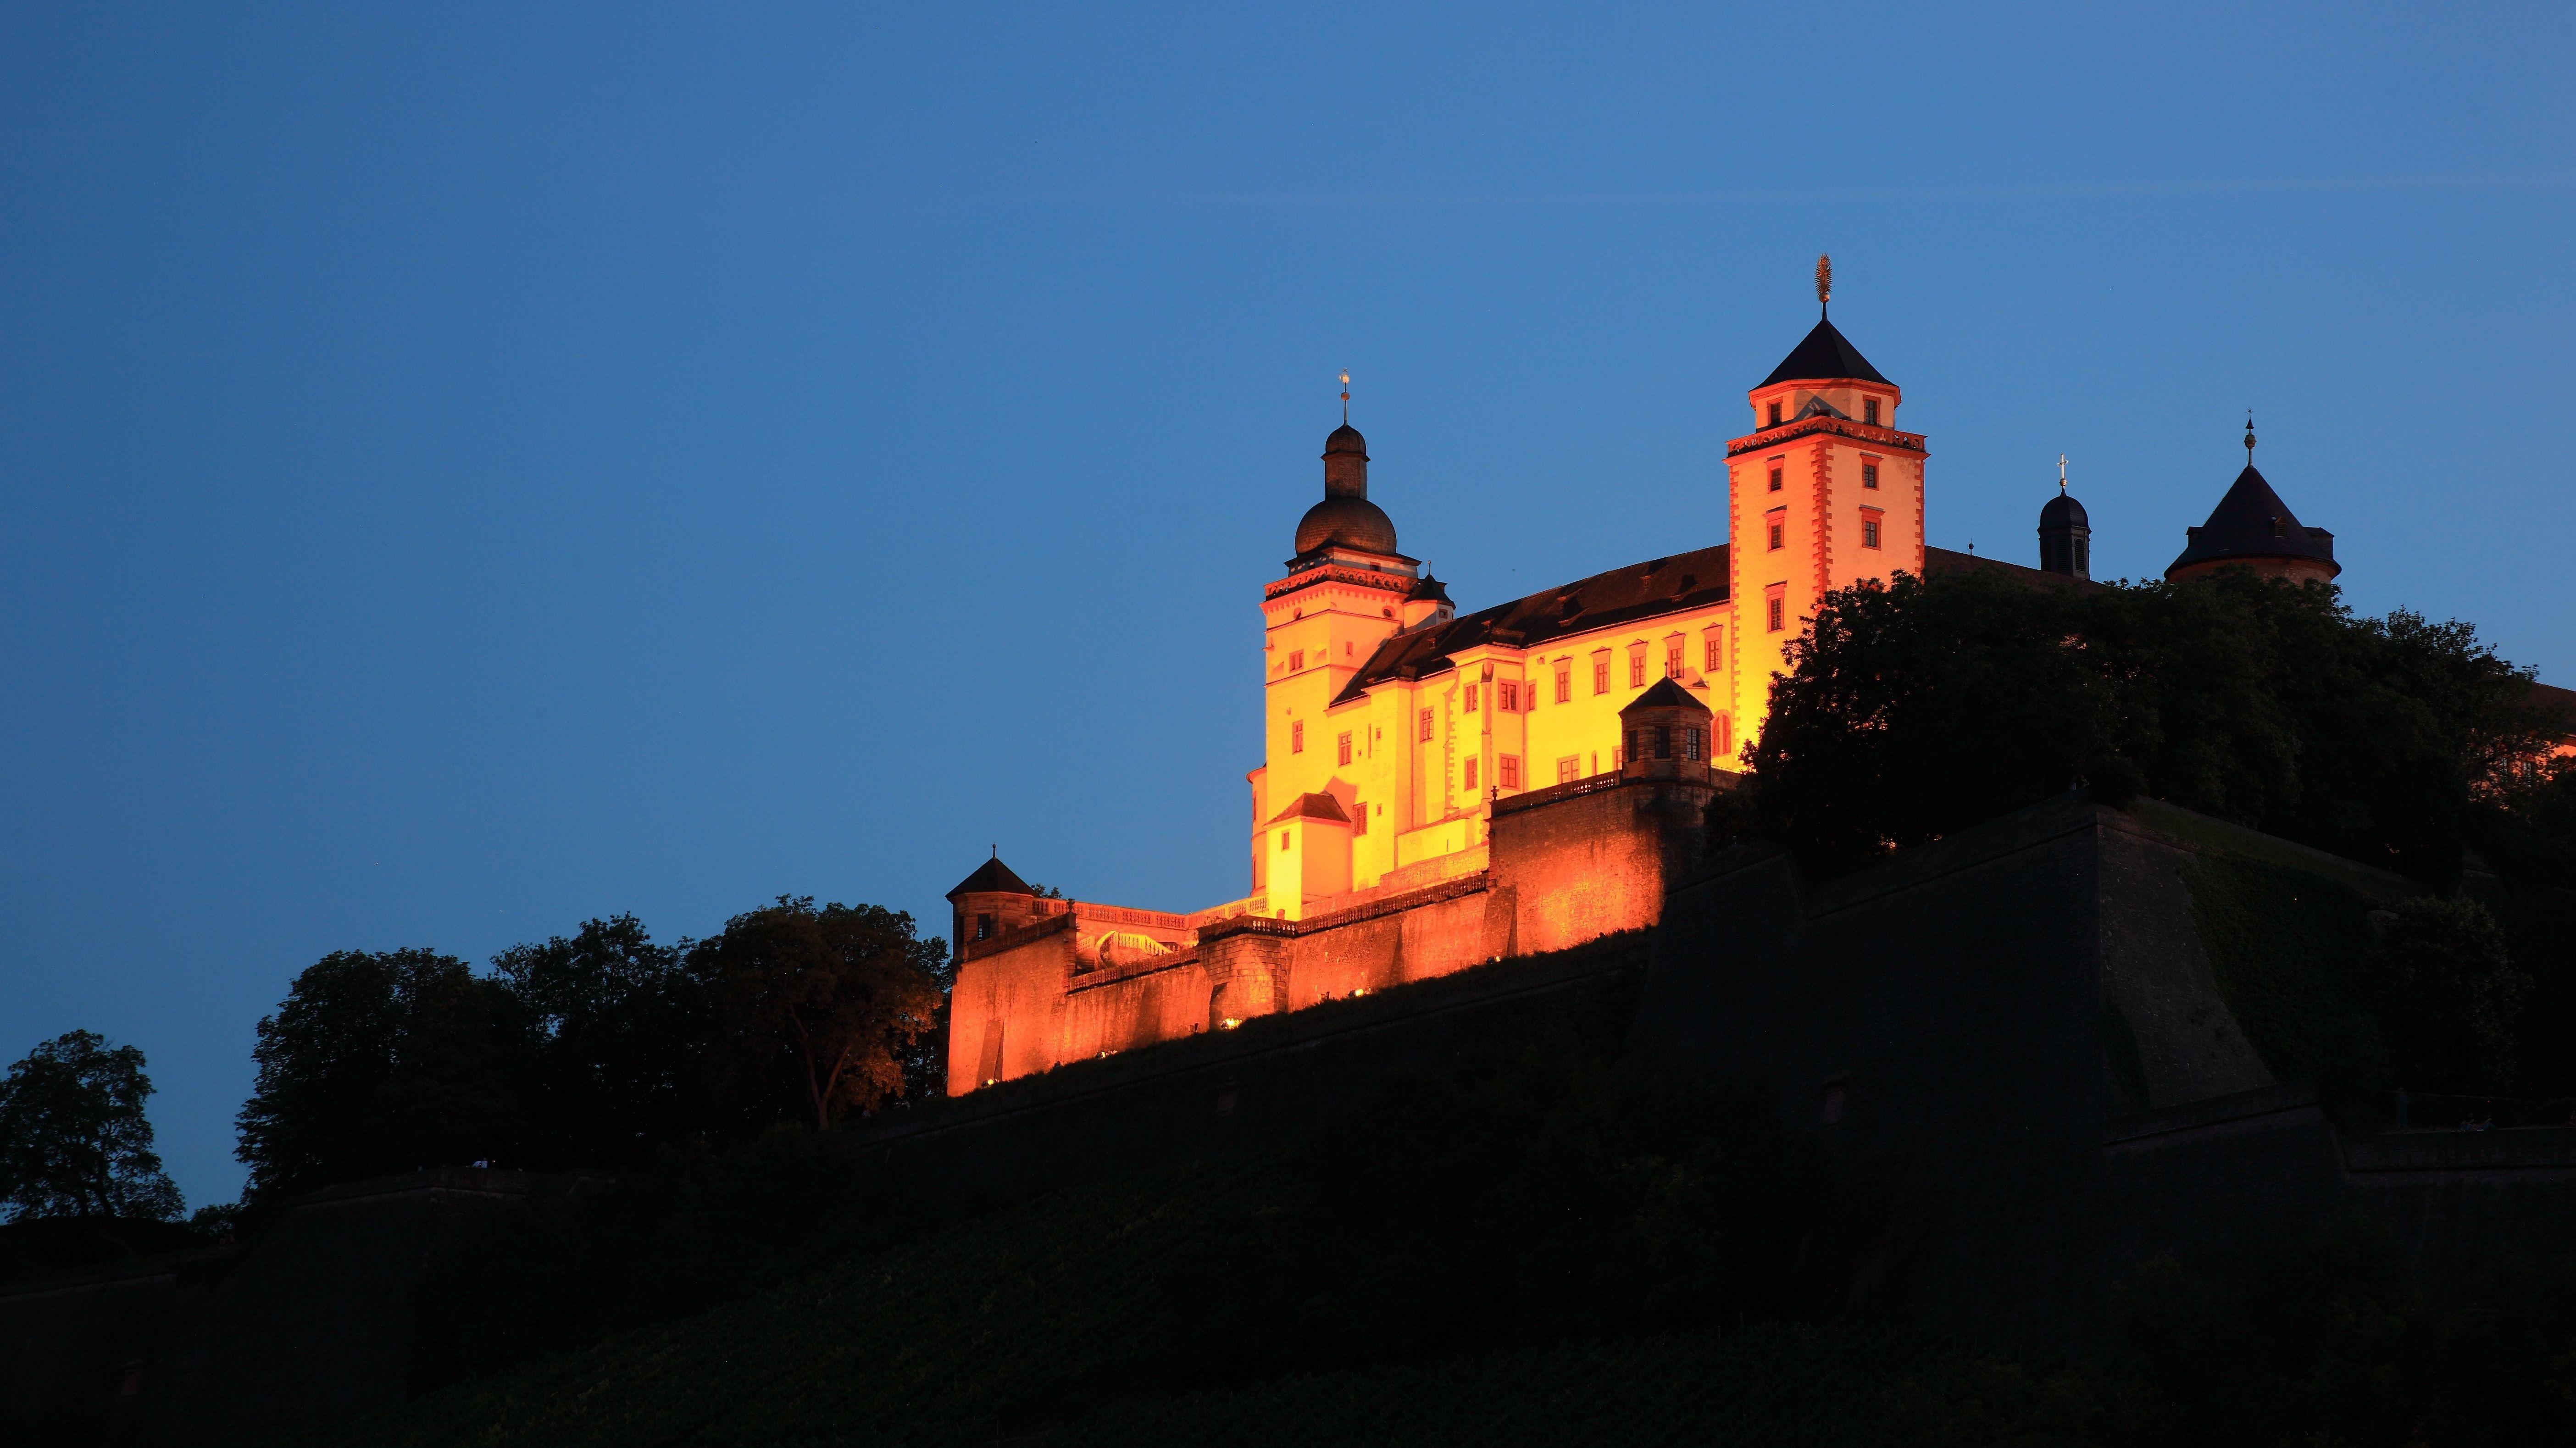 Festung Marienberg in Würzburg bei Nacht mit Beleuchtung